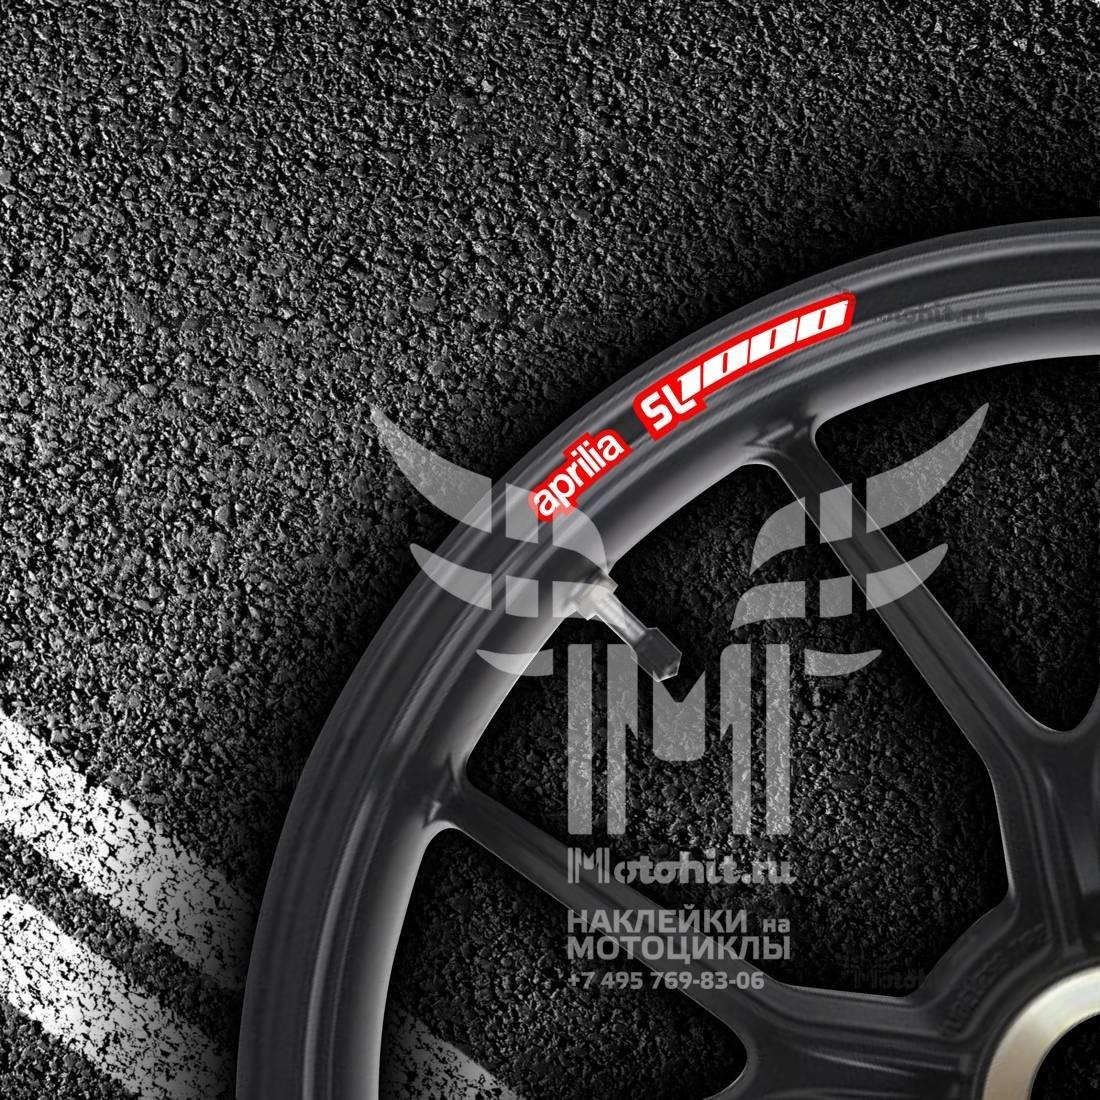 Комплект наклеек на обод колеса мотоцикла APRILIA MANA-SL-1000